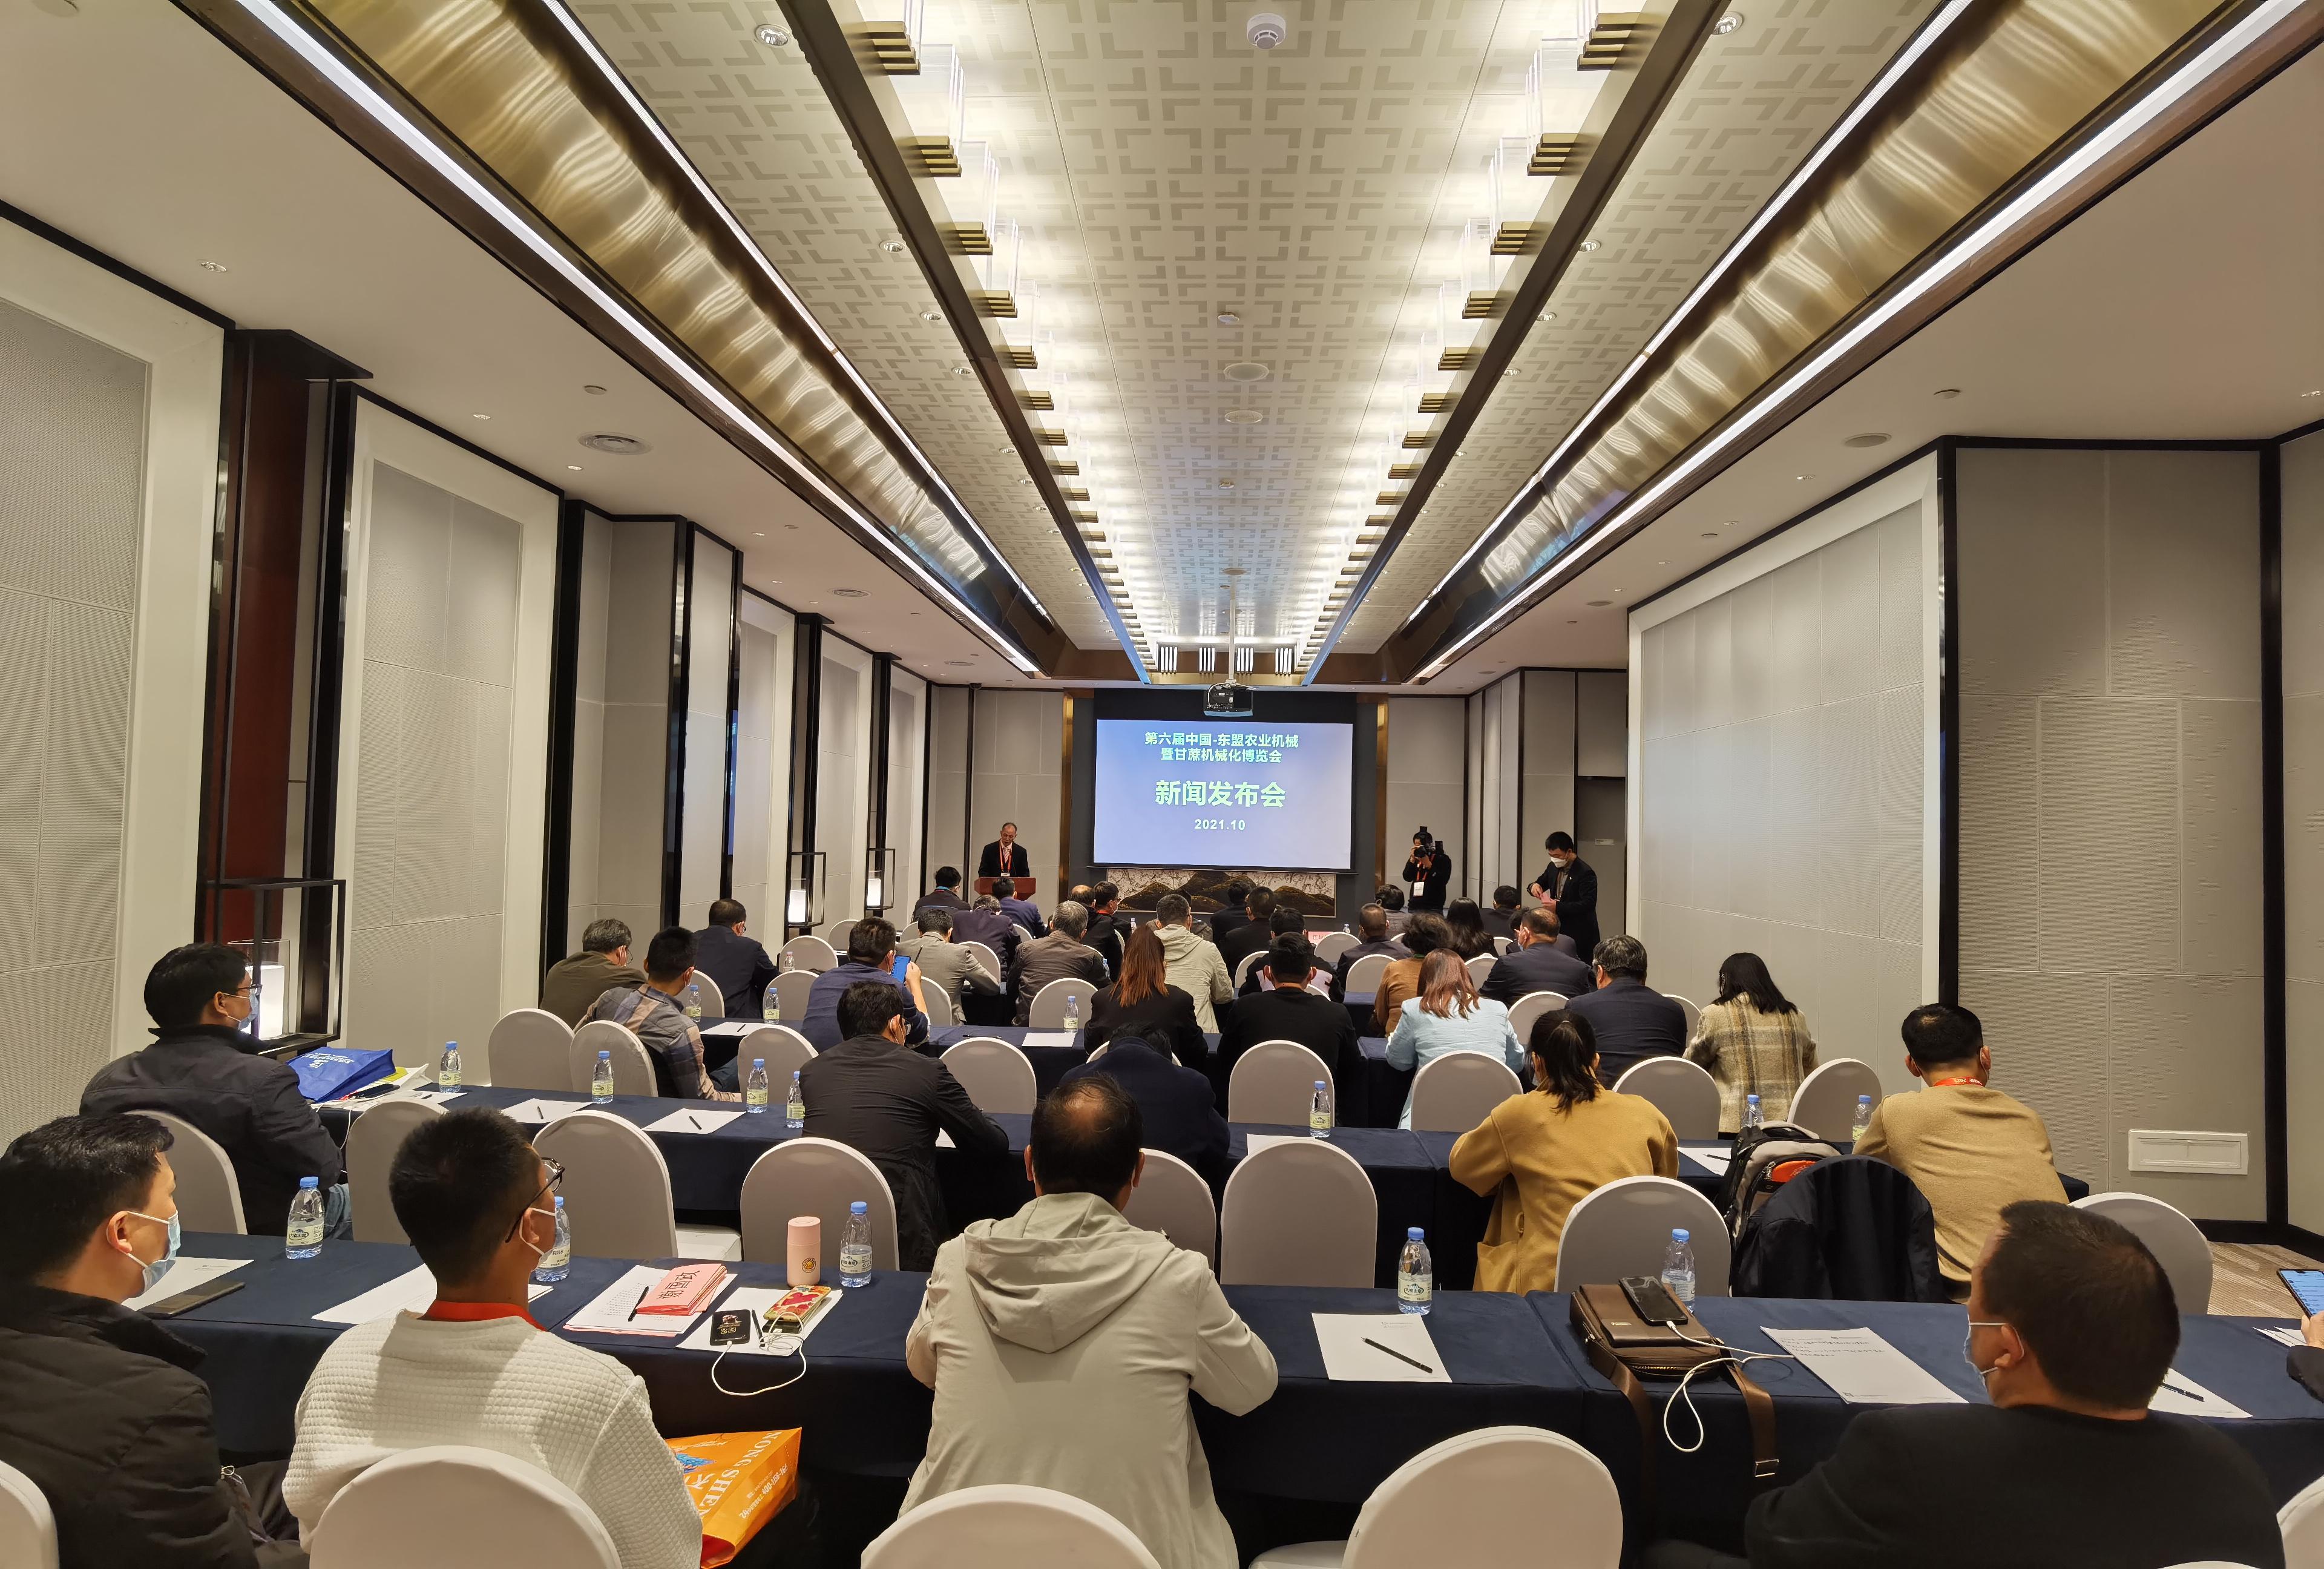 第六届中国-东盟农业机械暨甘蔗机械化博览会12月启幕